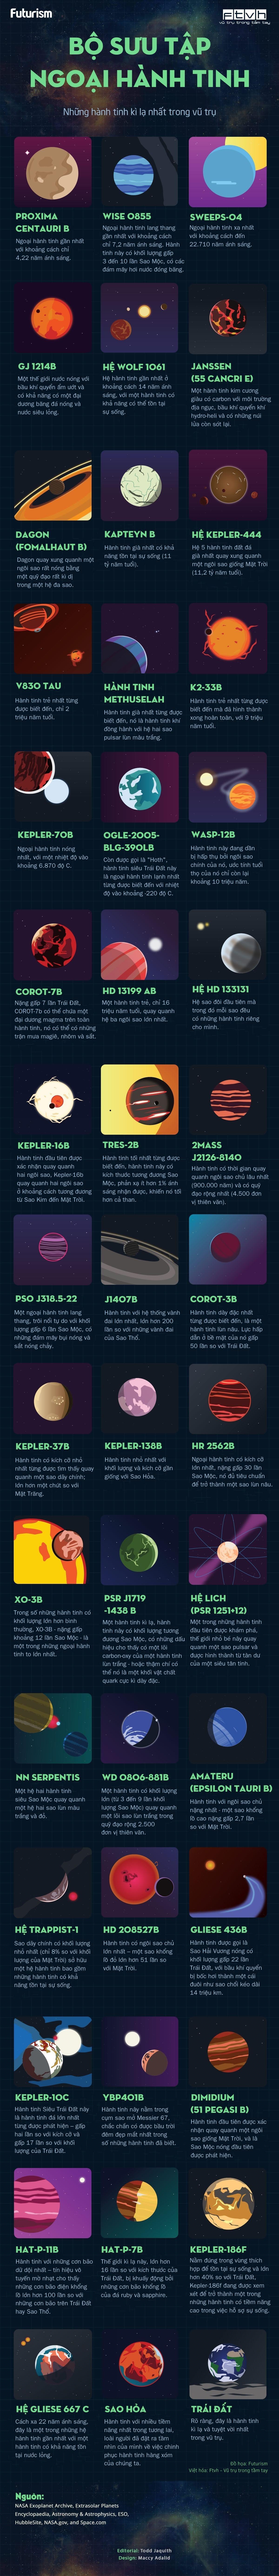 Infographic: Bộ sưu tập ngoại hành tinh. Đồ họa: Futurism. Việt hóa: Ftvh - Vũ trụ trong tầm tay.